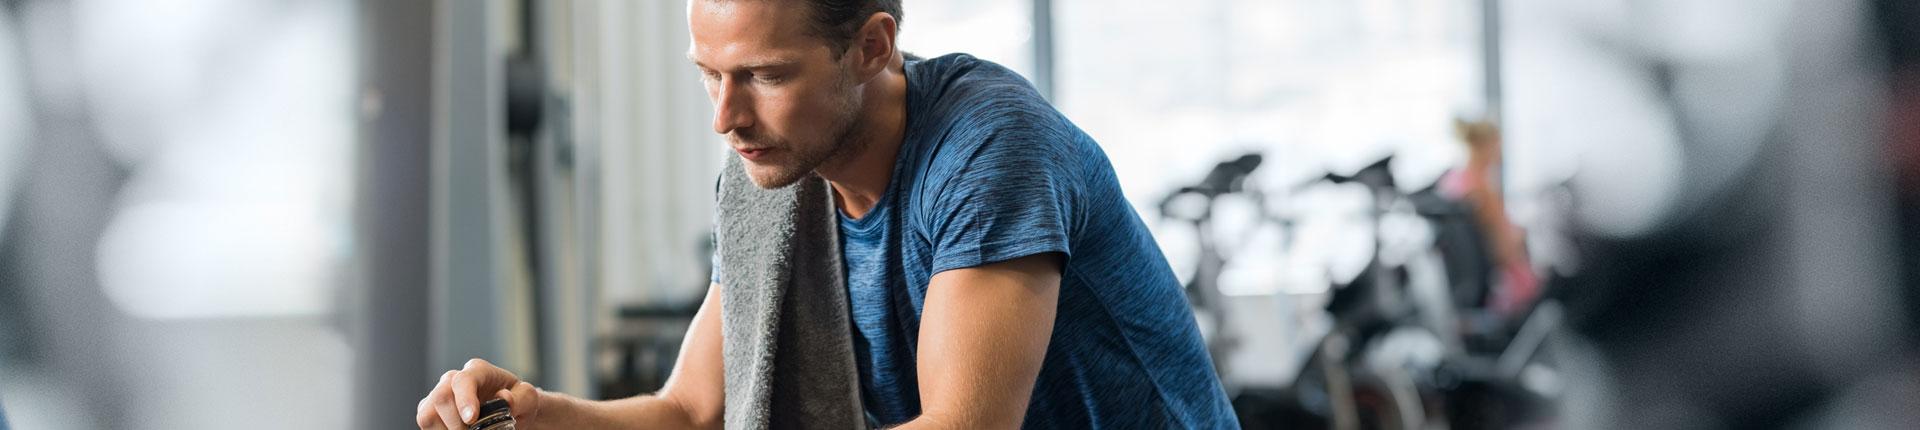 Dlaczego nie robię postępów na siłowni? 5 najważniejszych powodów